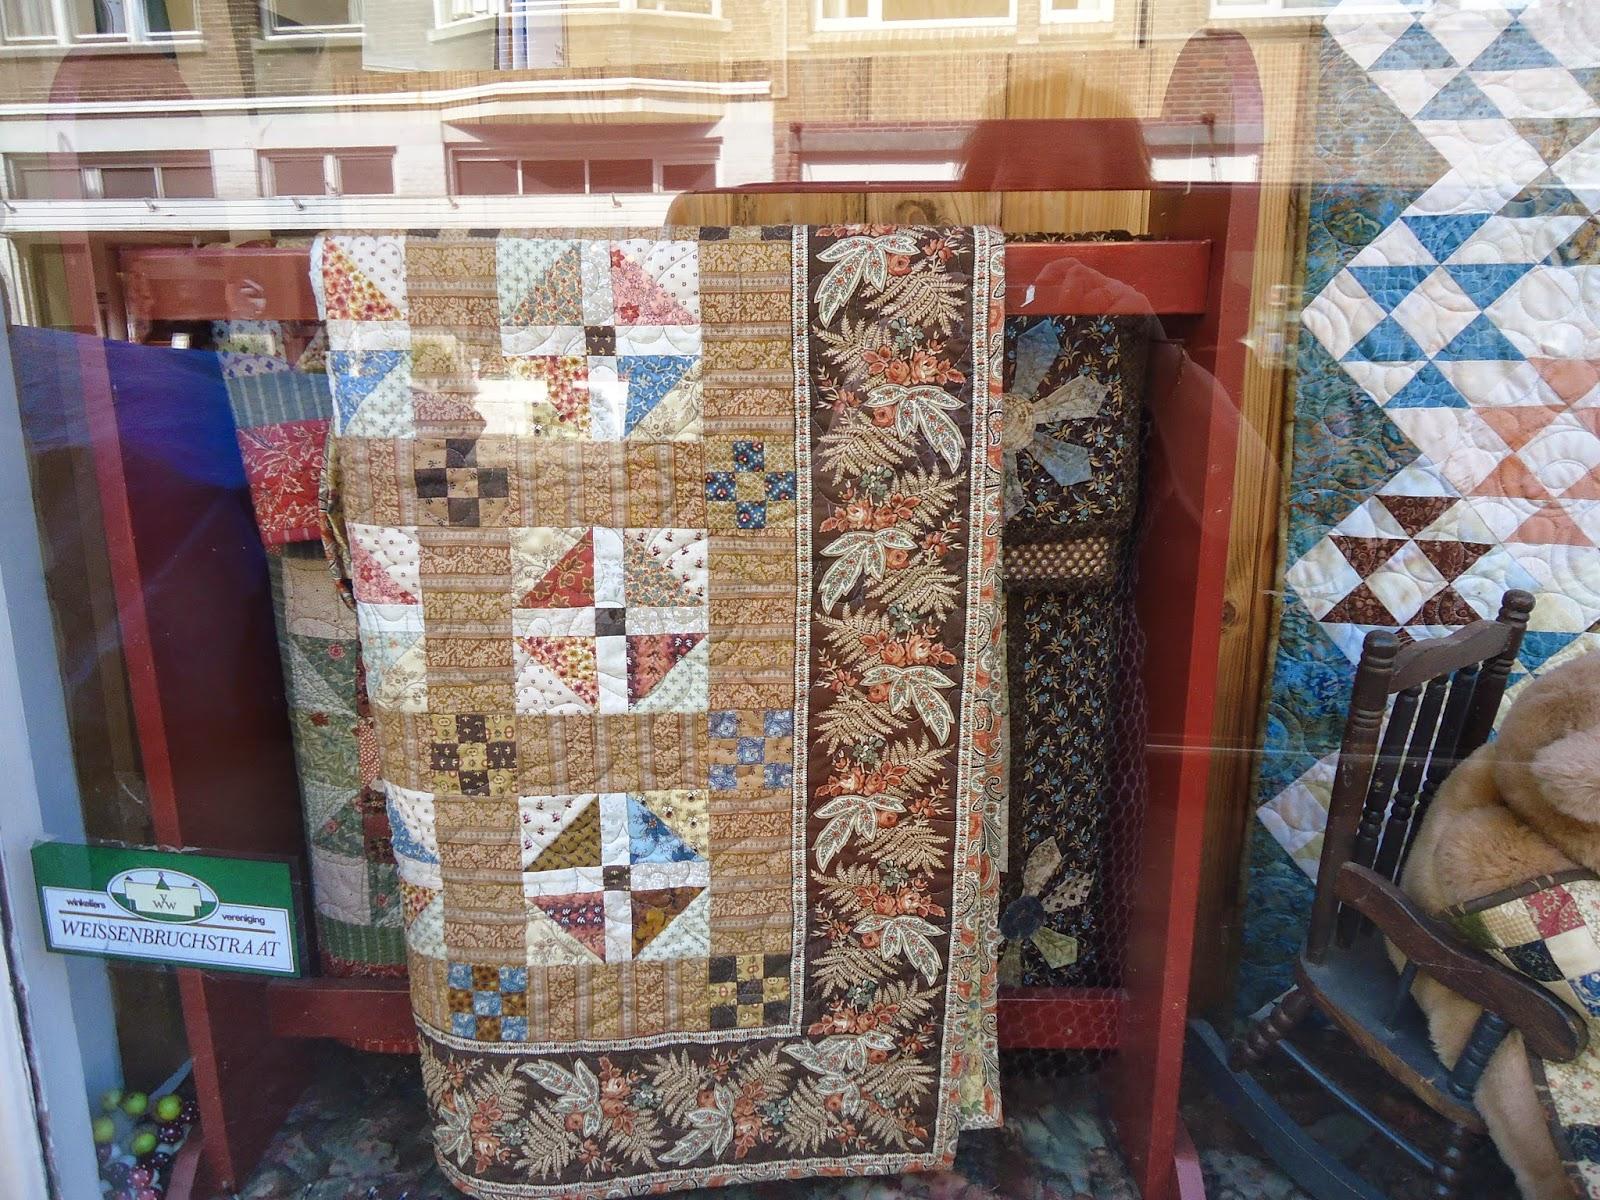 Patricia quilts at home: bezoek aan het quilterspalet in den haag ...